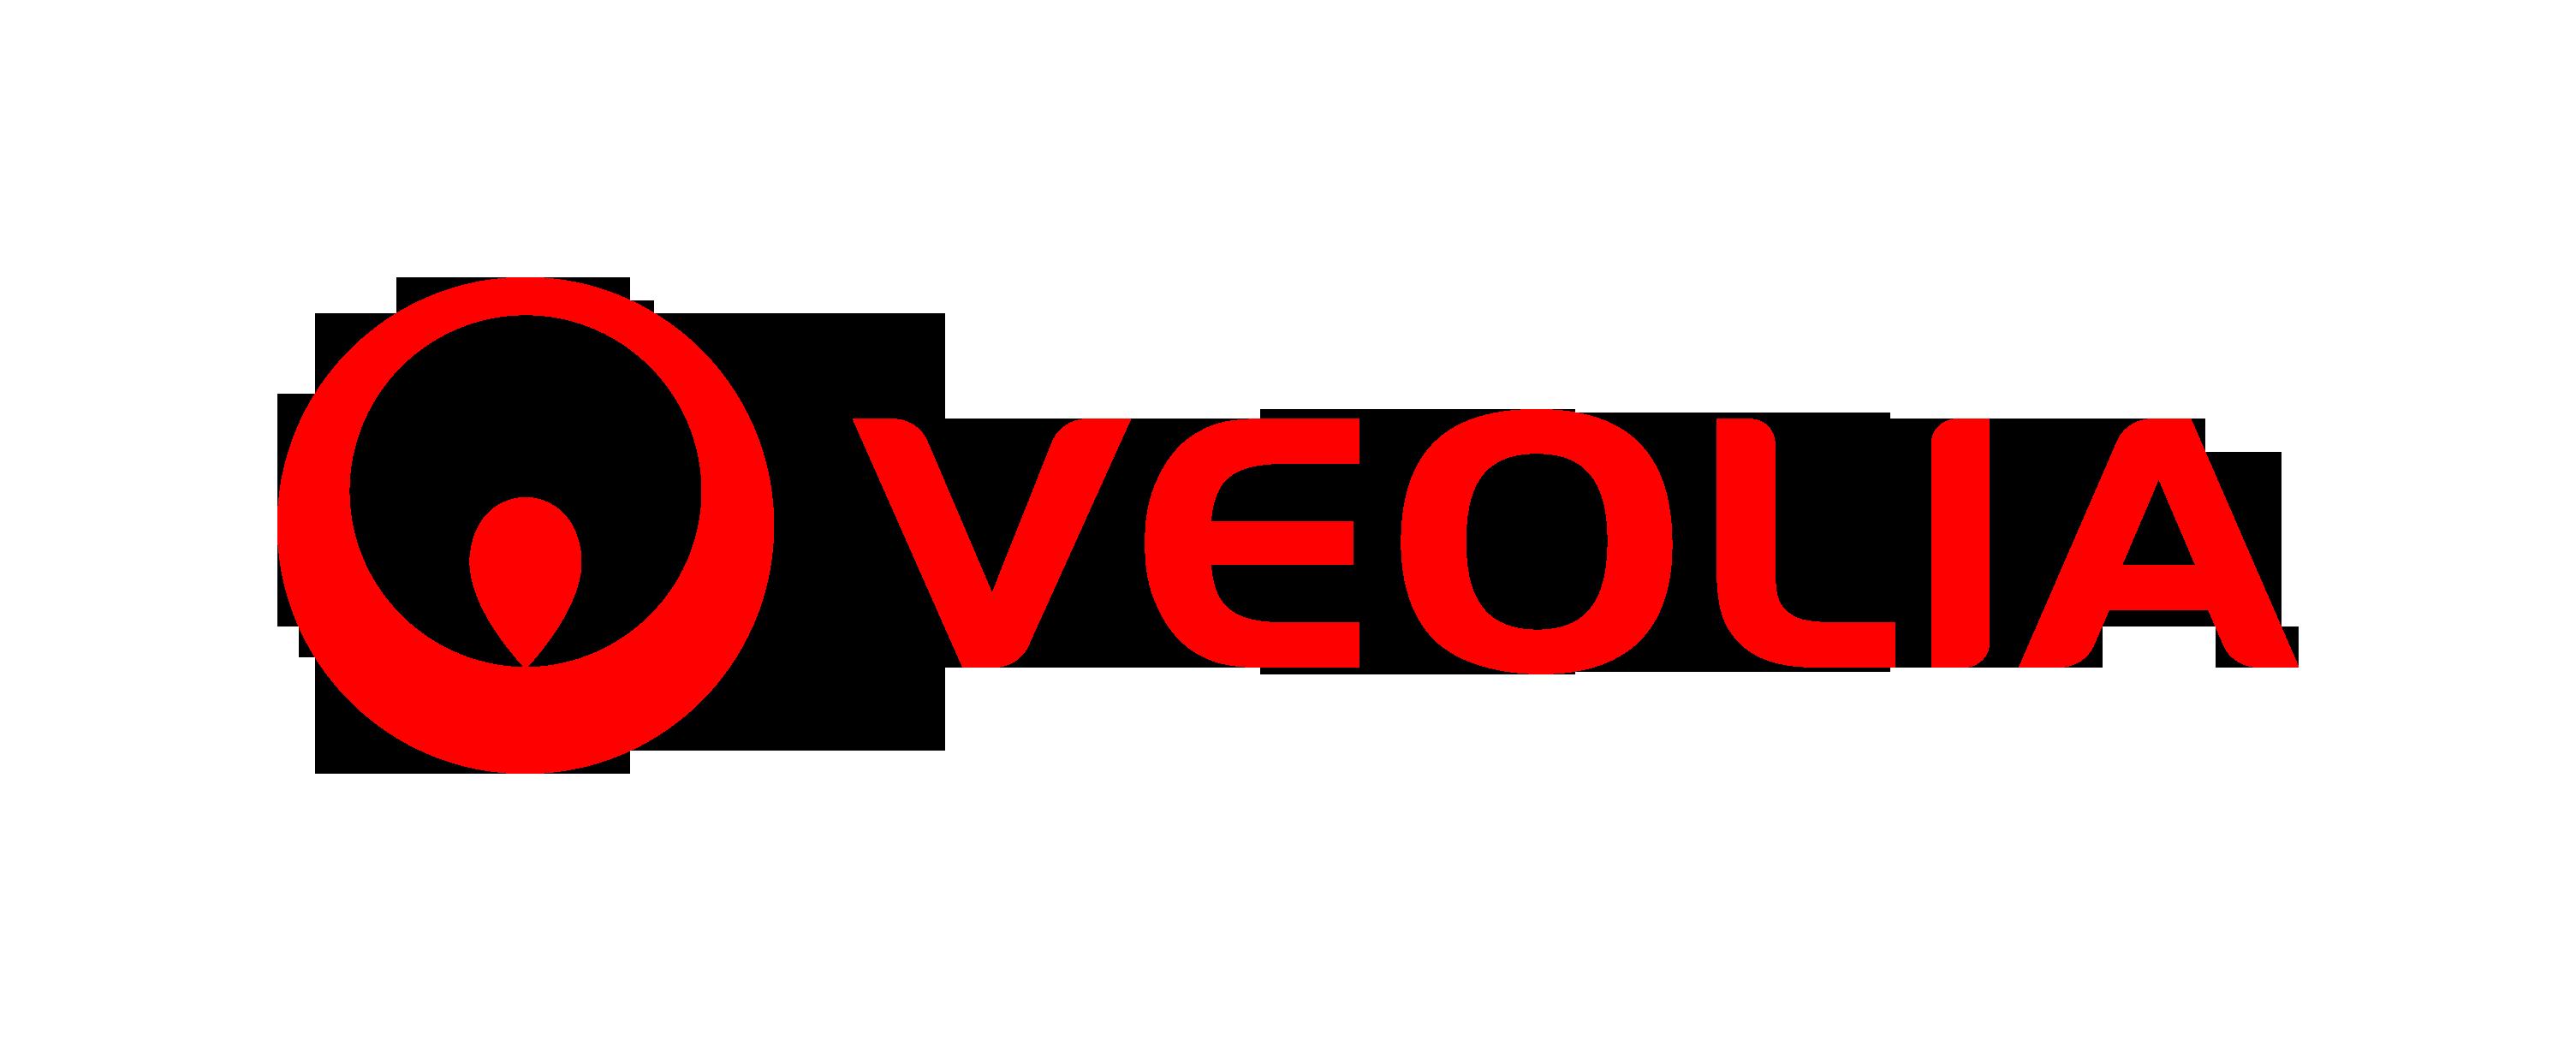 Veolia - Koom